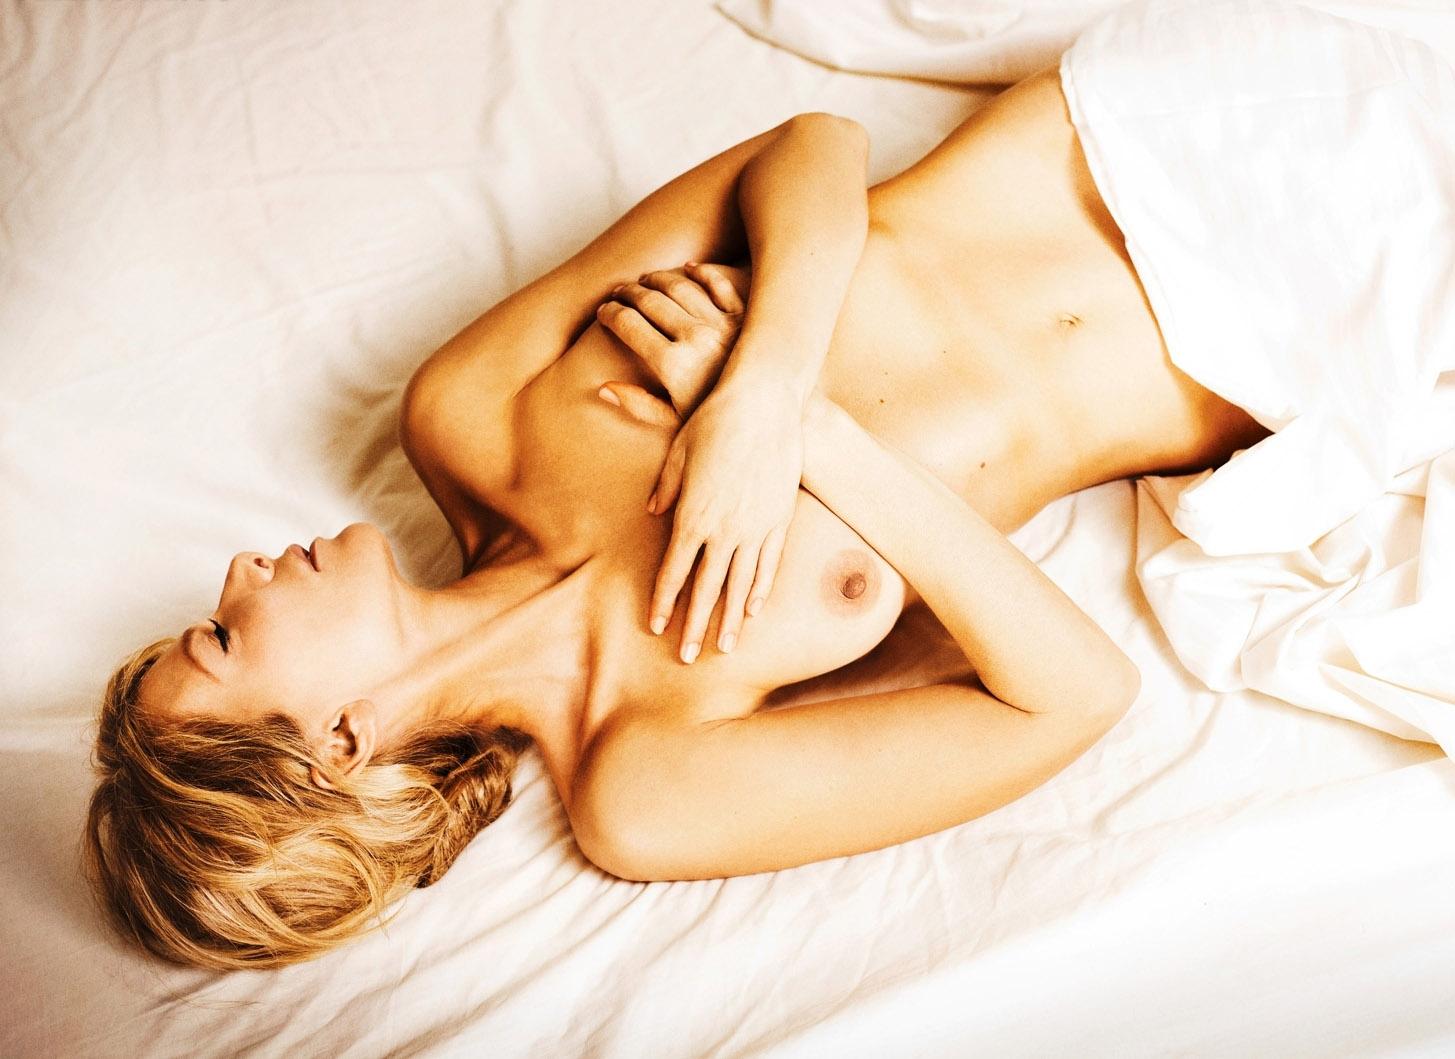 Урсула Карвен голая. Фото - 6